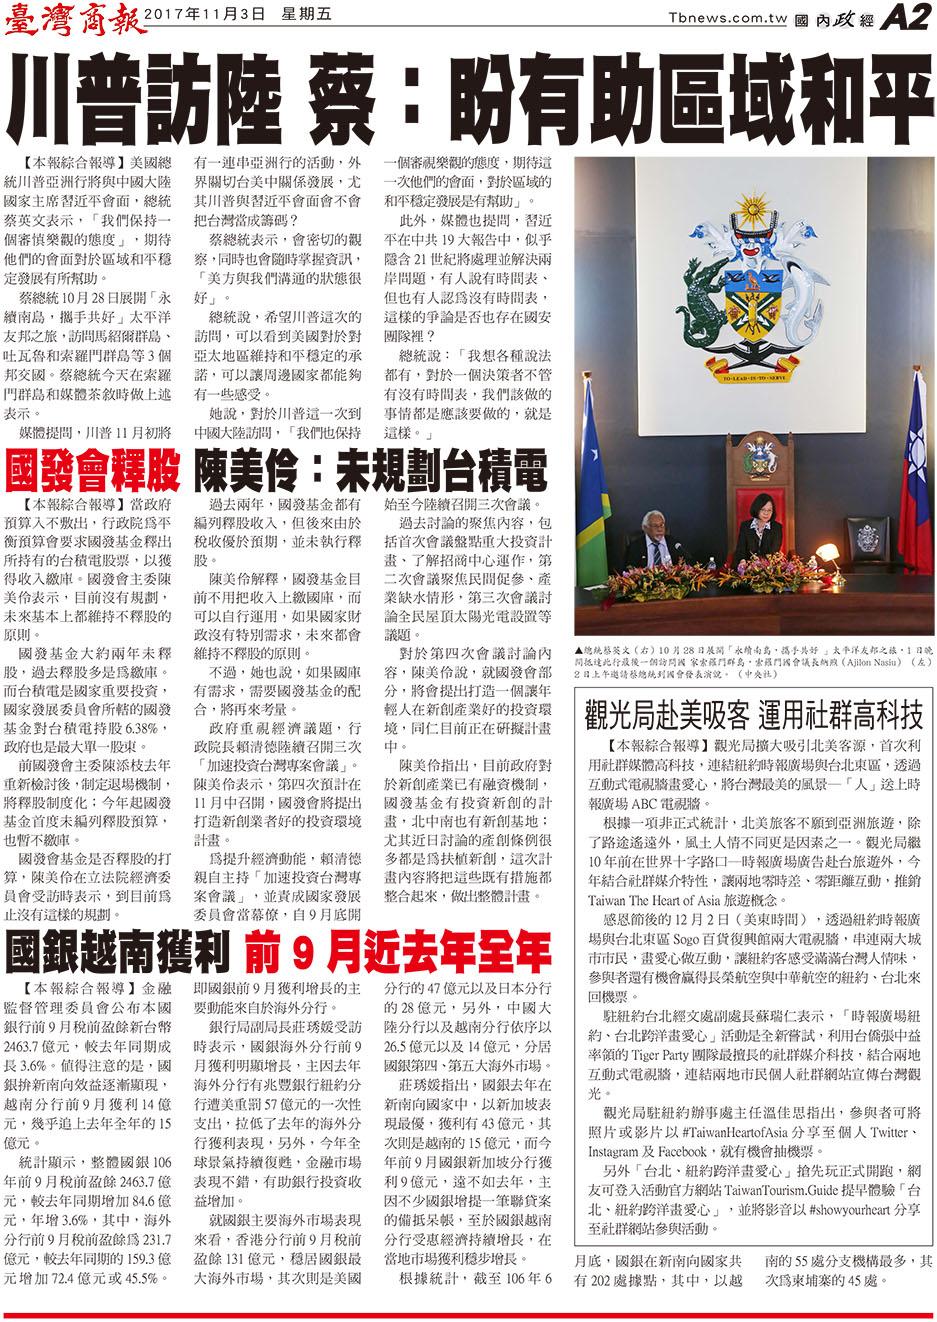 川普訪陸 蔡:盼有助區域和平